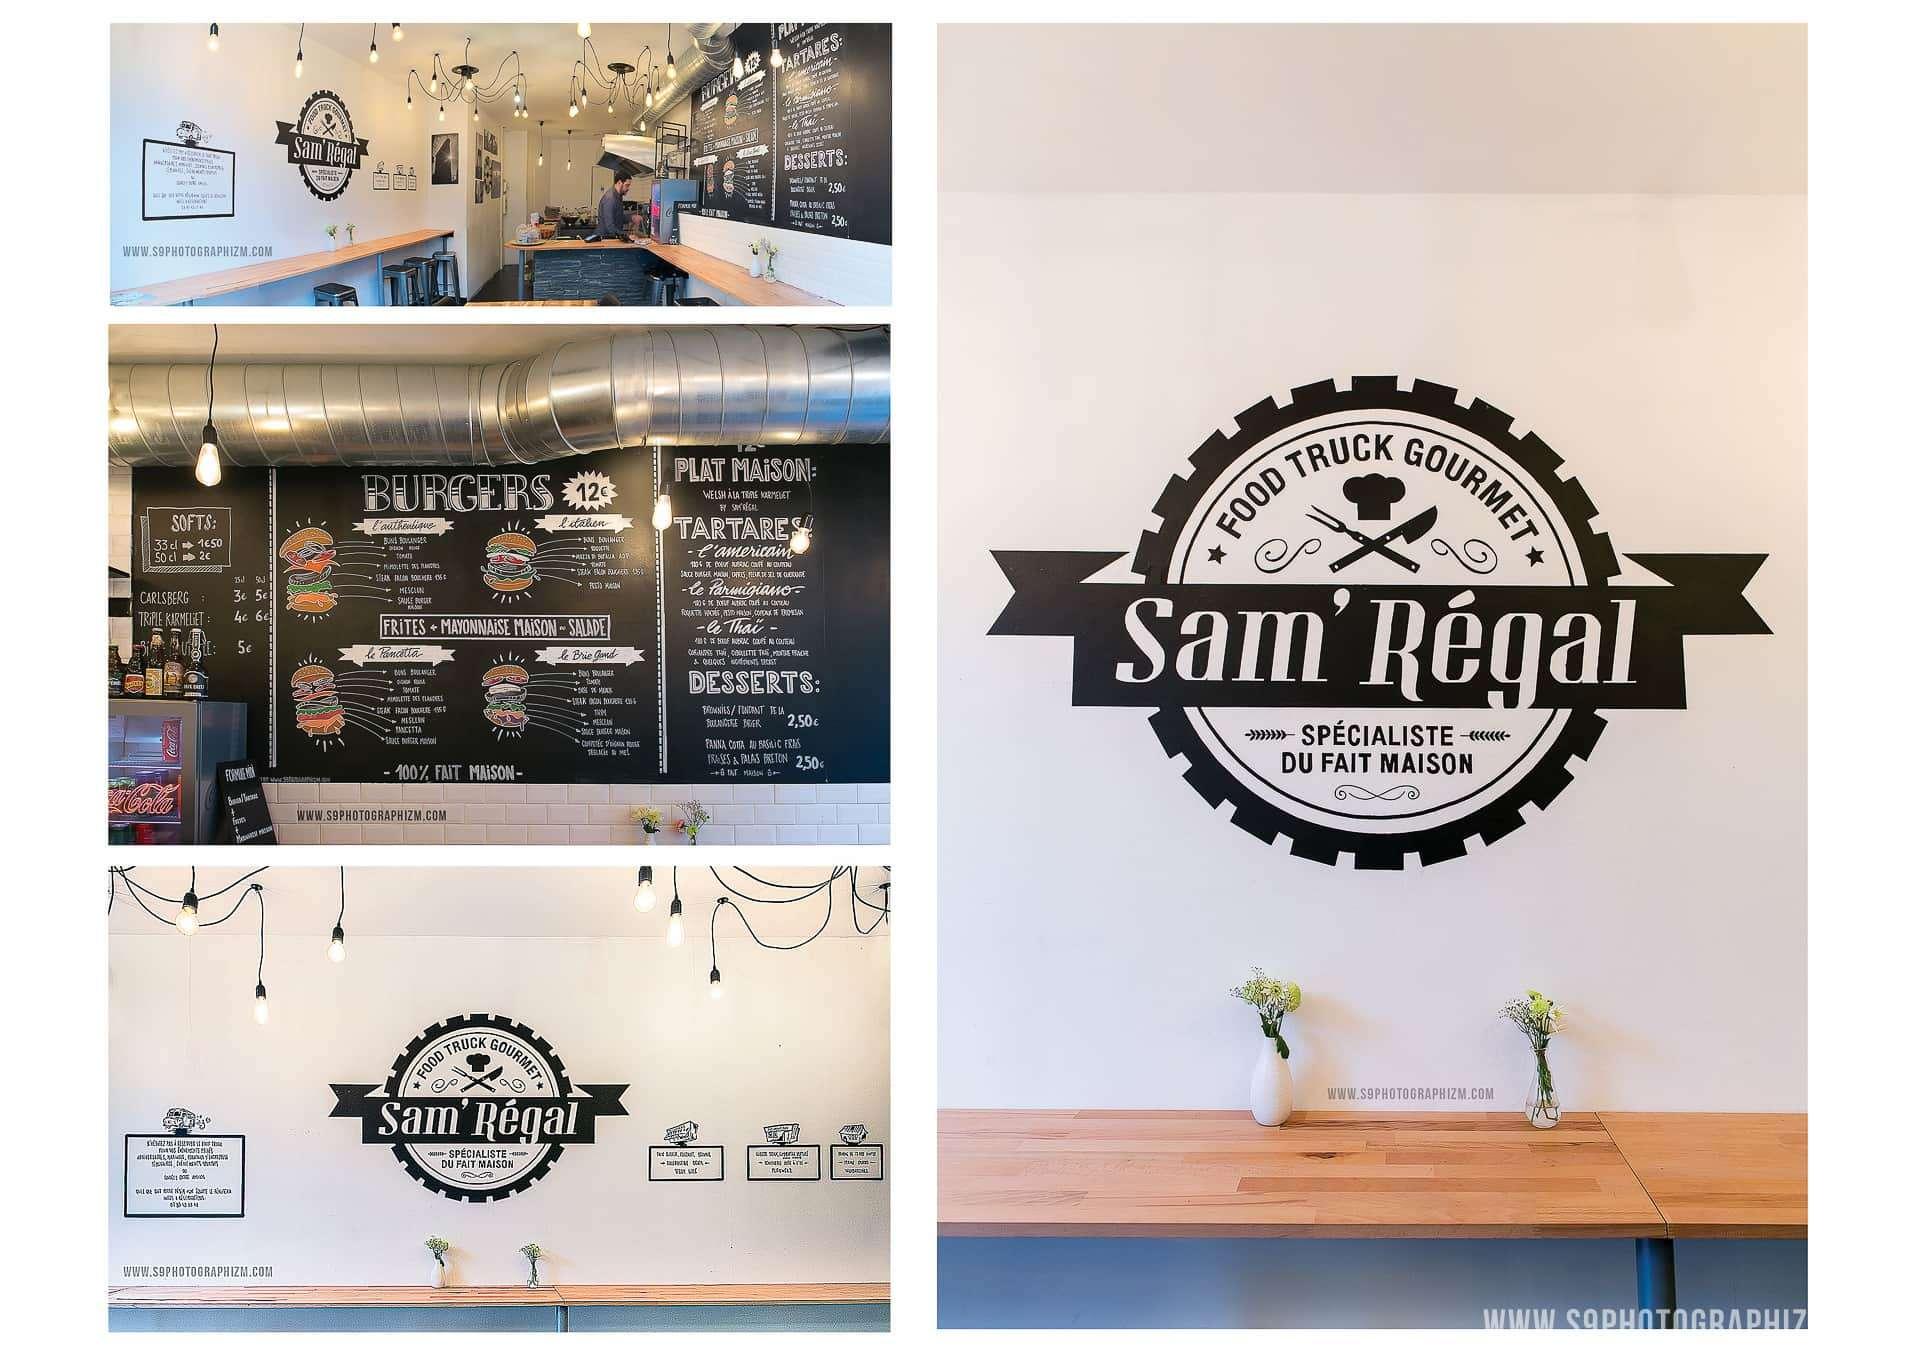 samregal lille restaurant décoration intérieure s9photog